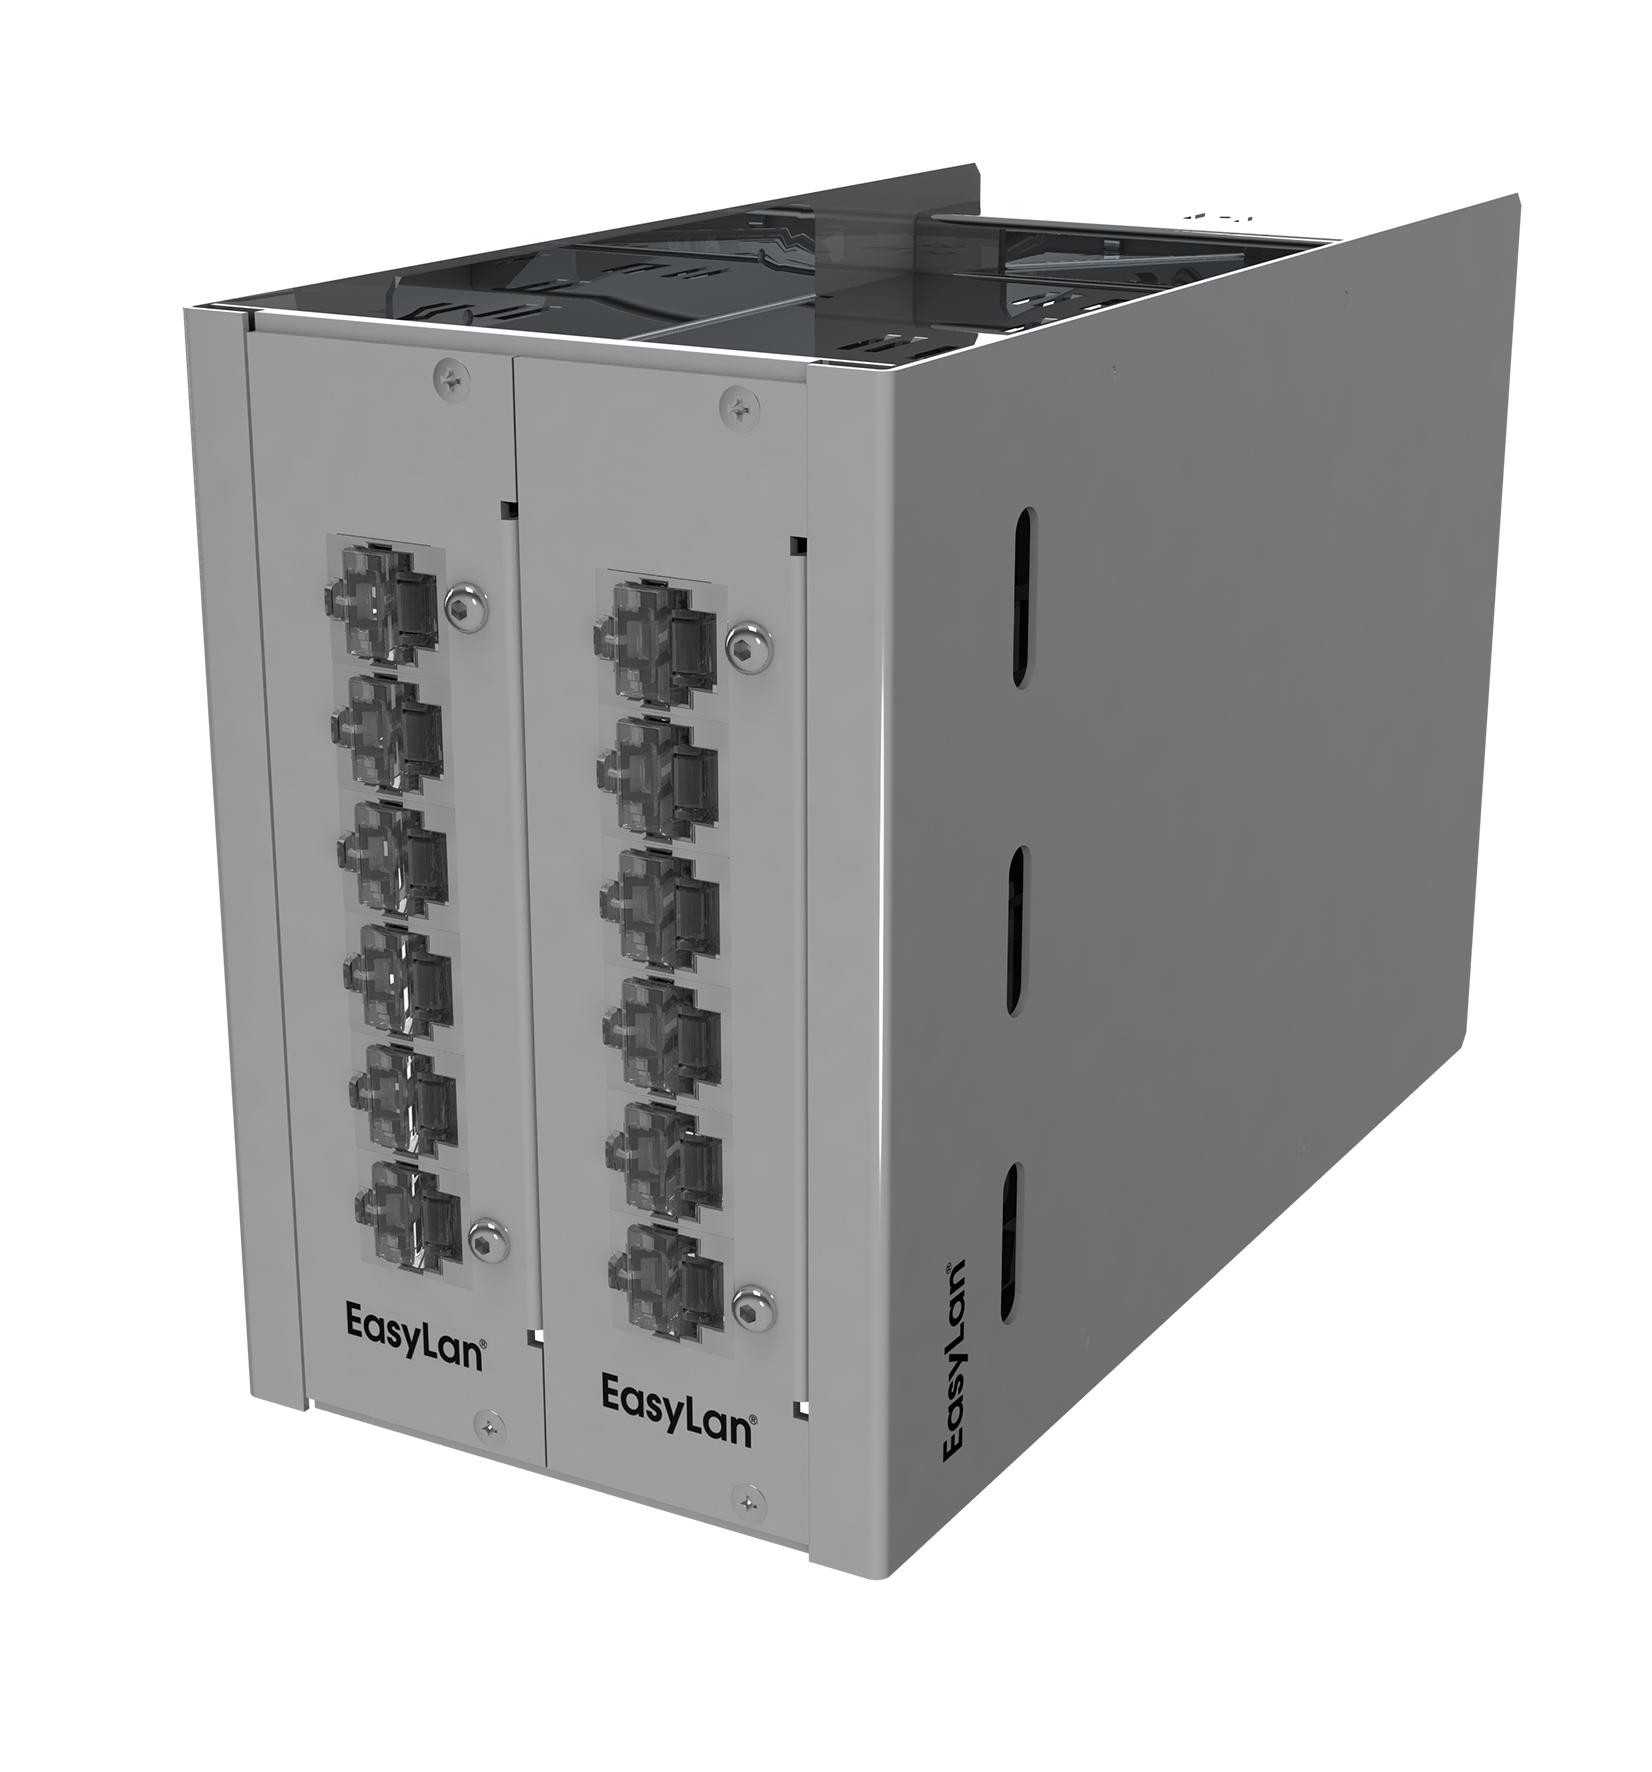 1 Stk Side Modulträger, 3HE 14TE für bis zu 2x Einschubmodule HEKB31402-